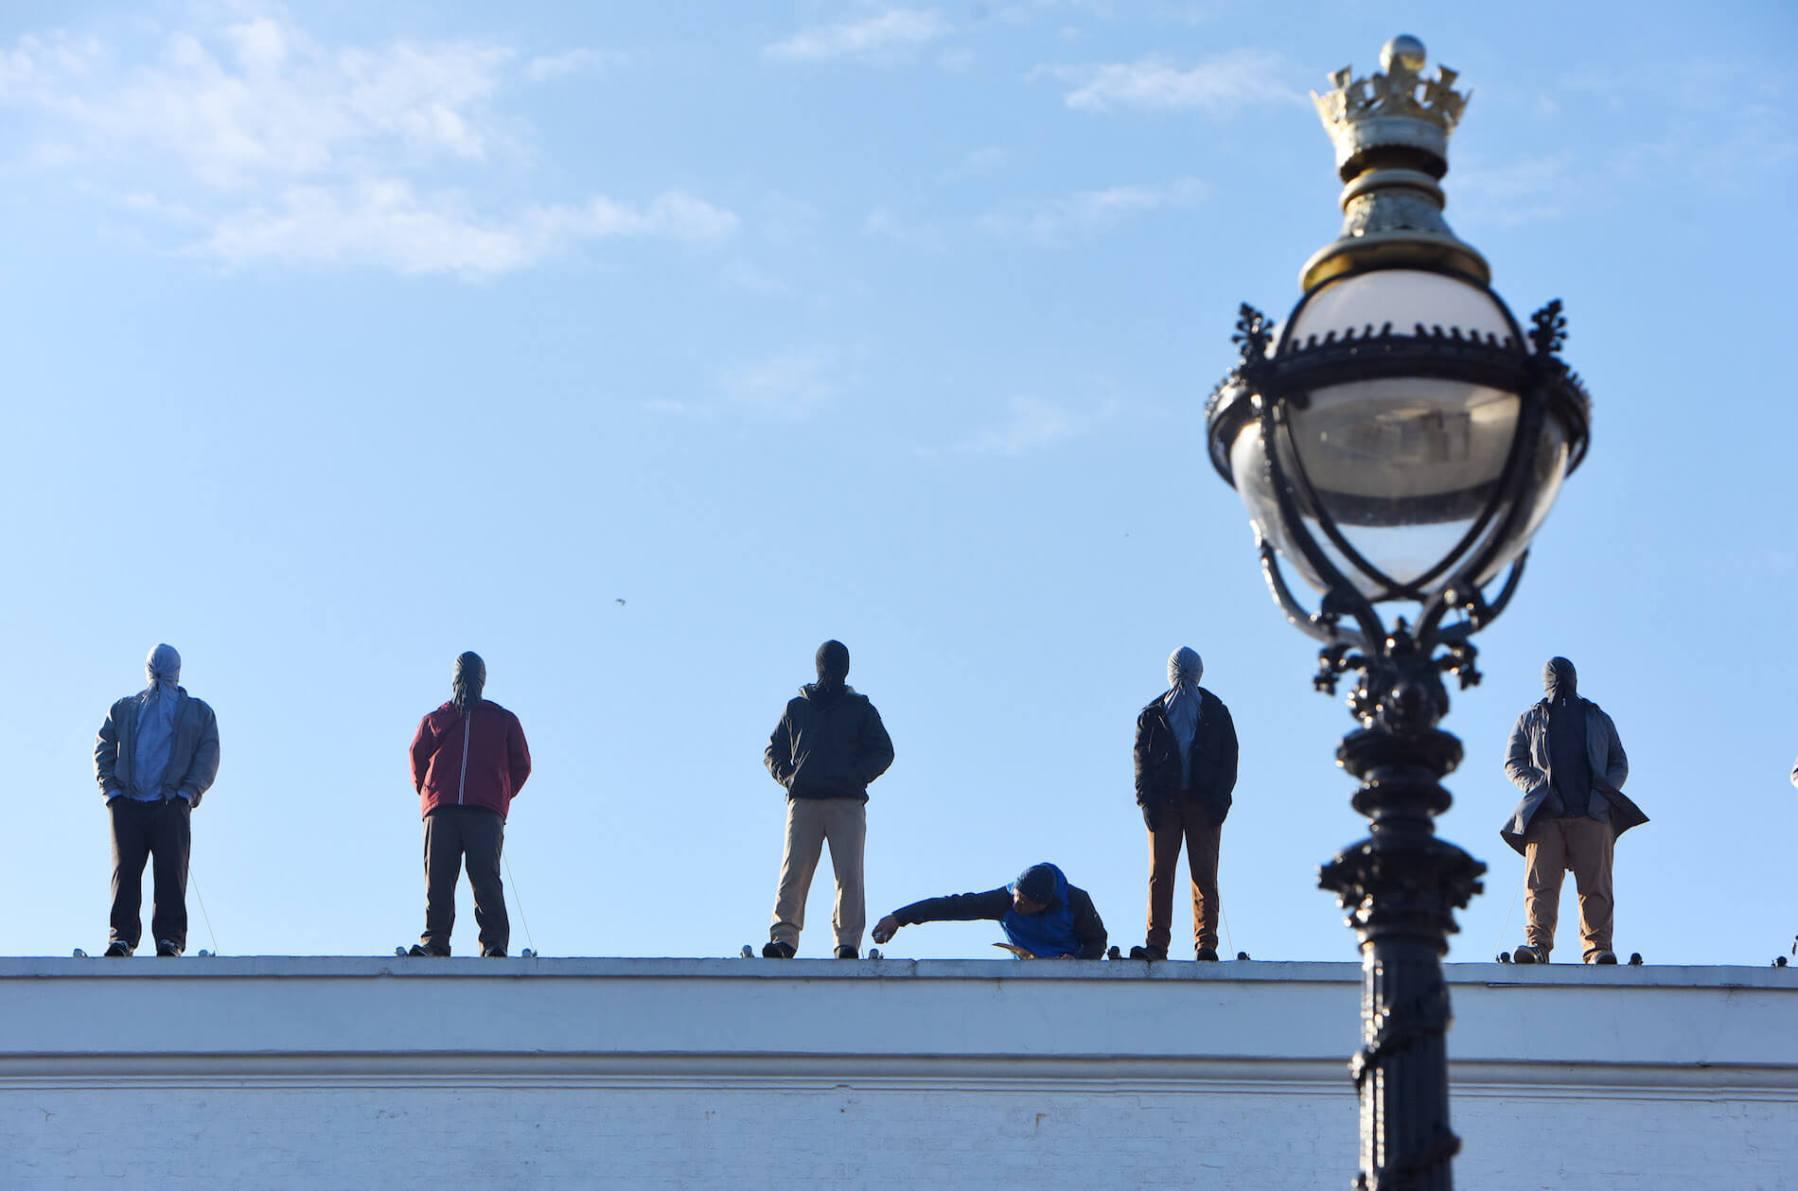 Mark-Jenkins-suicide-awareness-calm-london-rooftops-84-sculptures-21.jpg